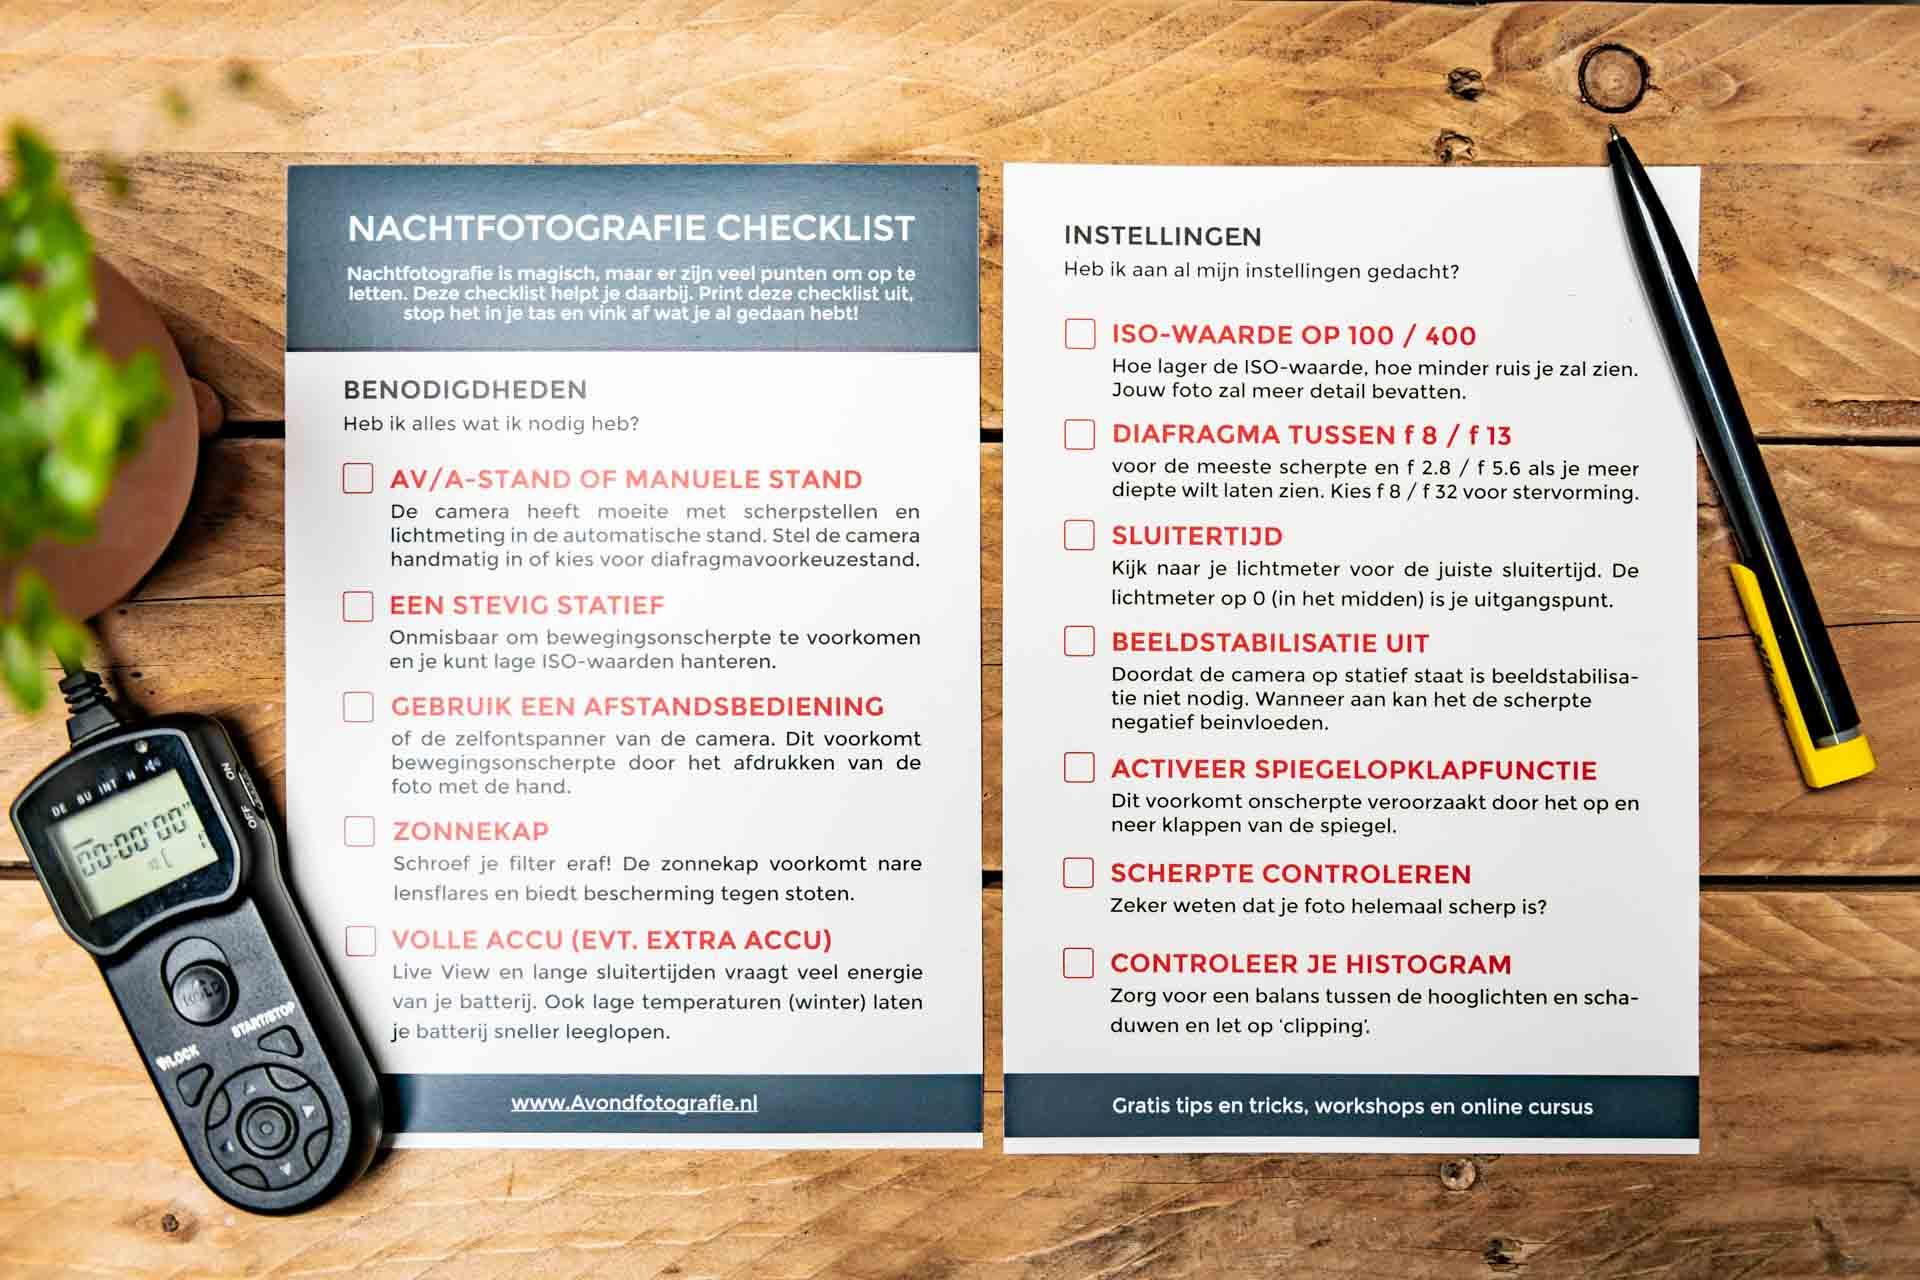 Nachtfotografie checklist Avondfotografie